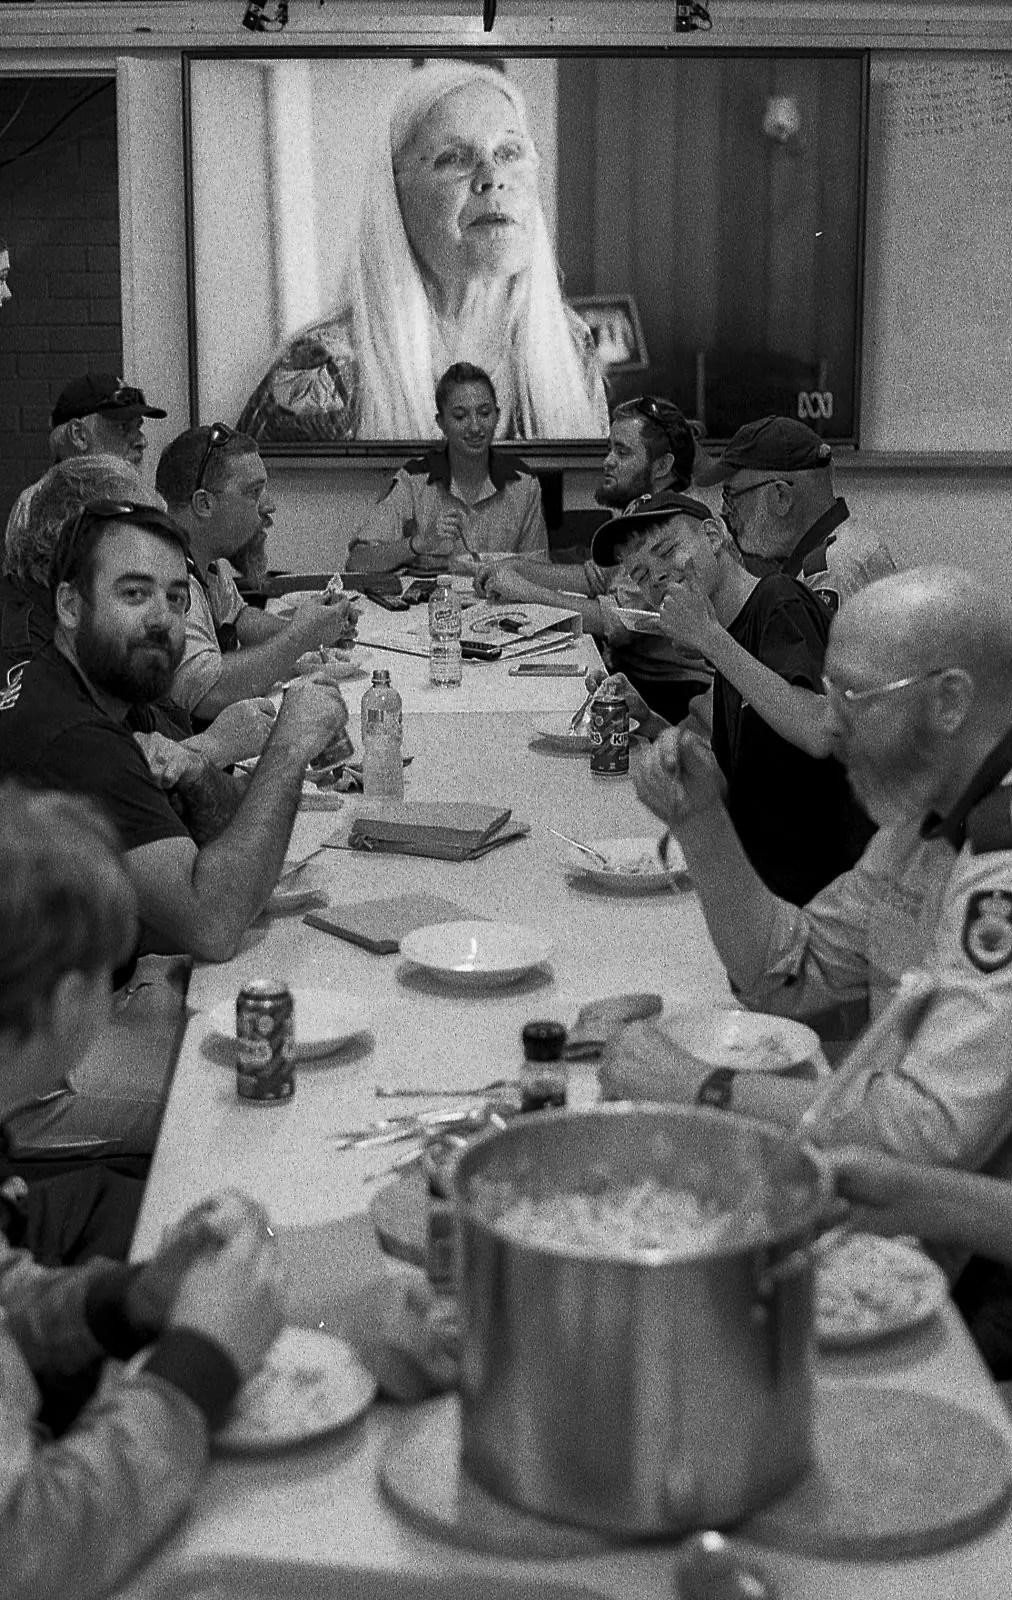 The Australian NSW bushfires on film - Dinner - Olympus OM-2n, 50mm F/1.8, ILFORD HP5 PLUS at EI 800